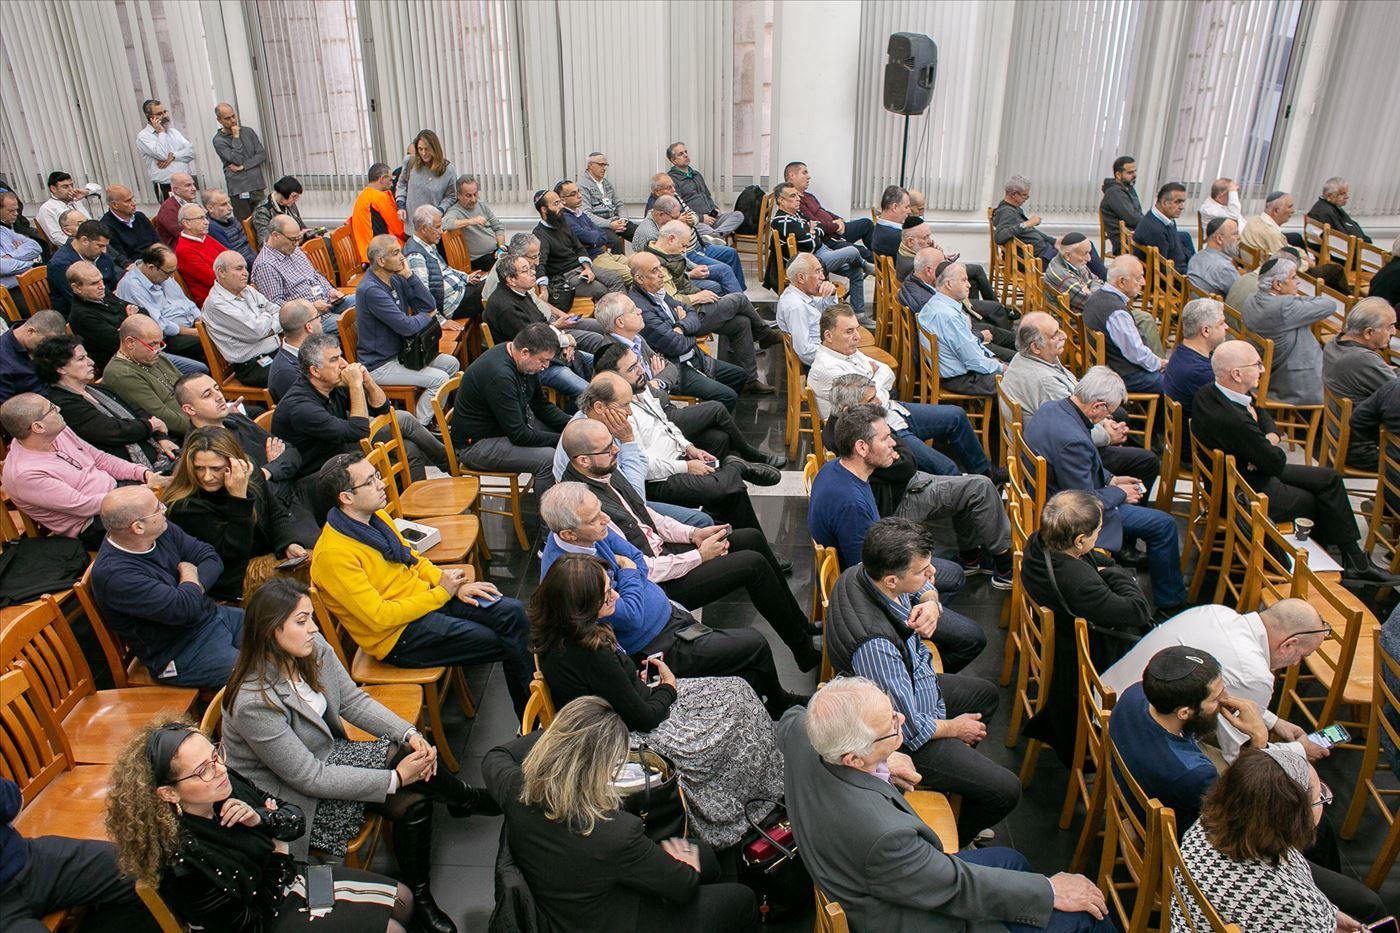 גלרייה - האסיפה הכללית ה-70 תמונה 230 מתוך 239